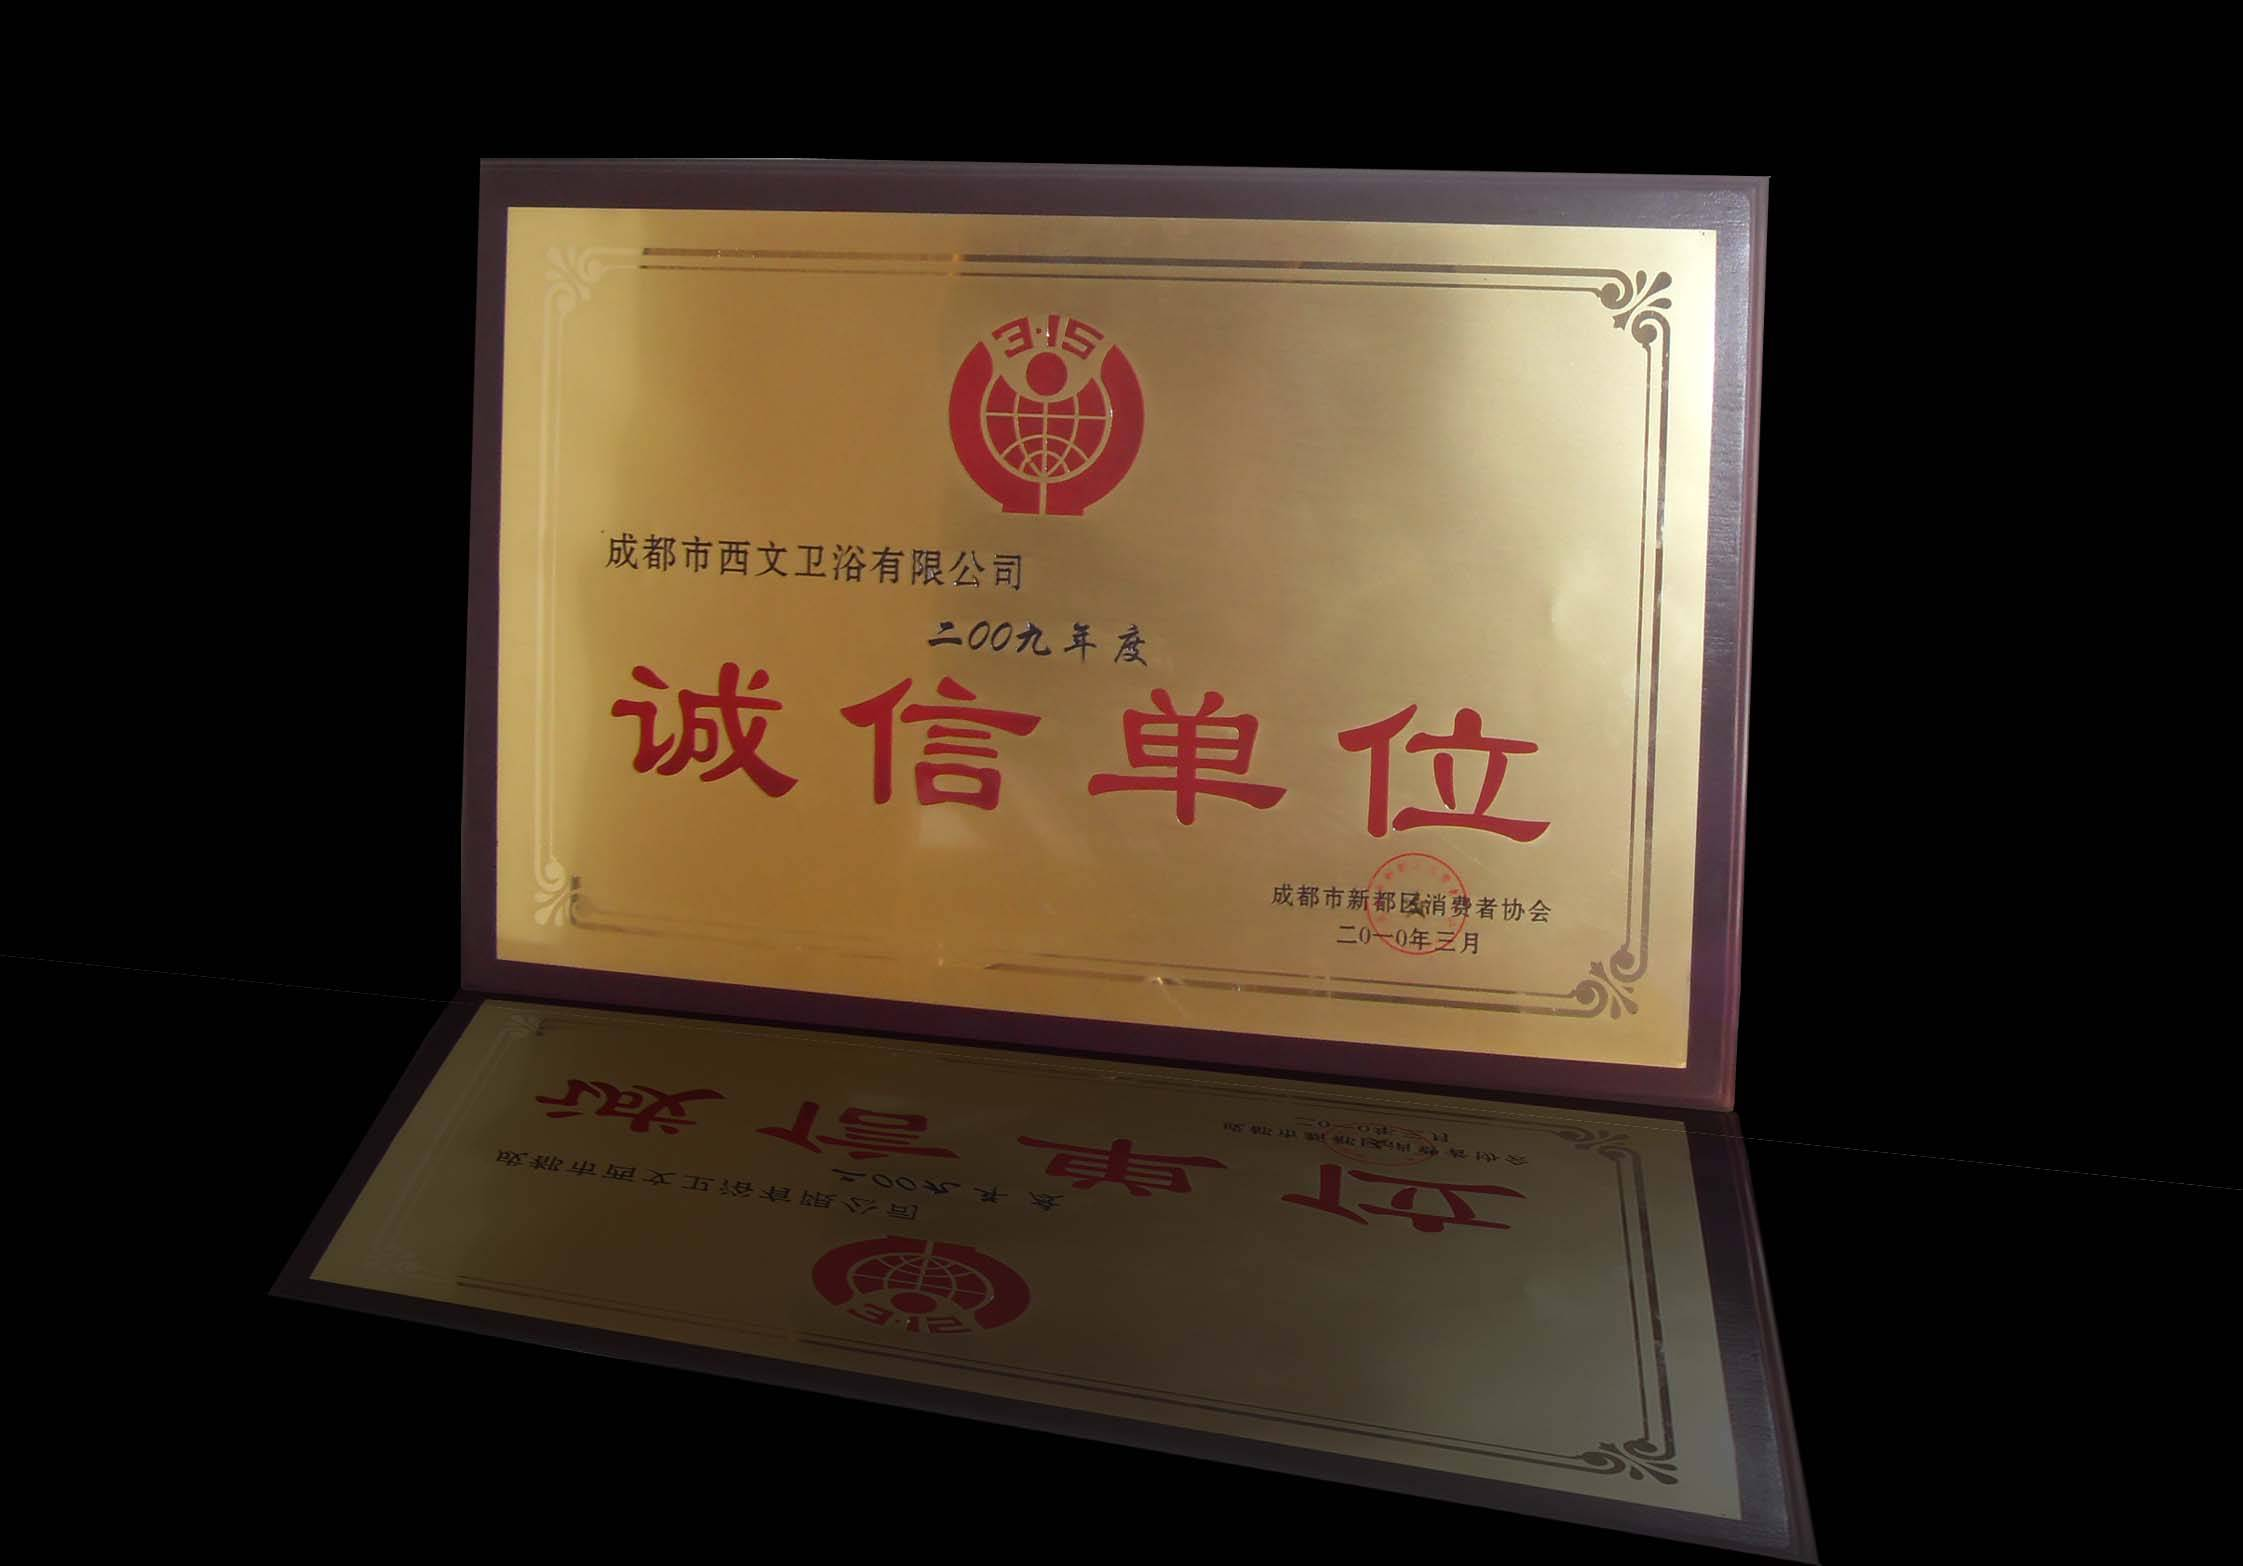 太阳集团kkkk0316.com